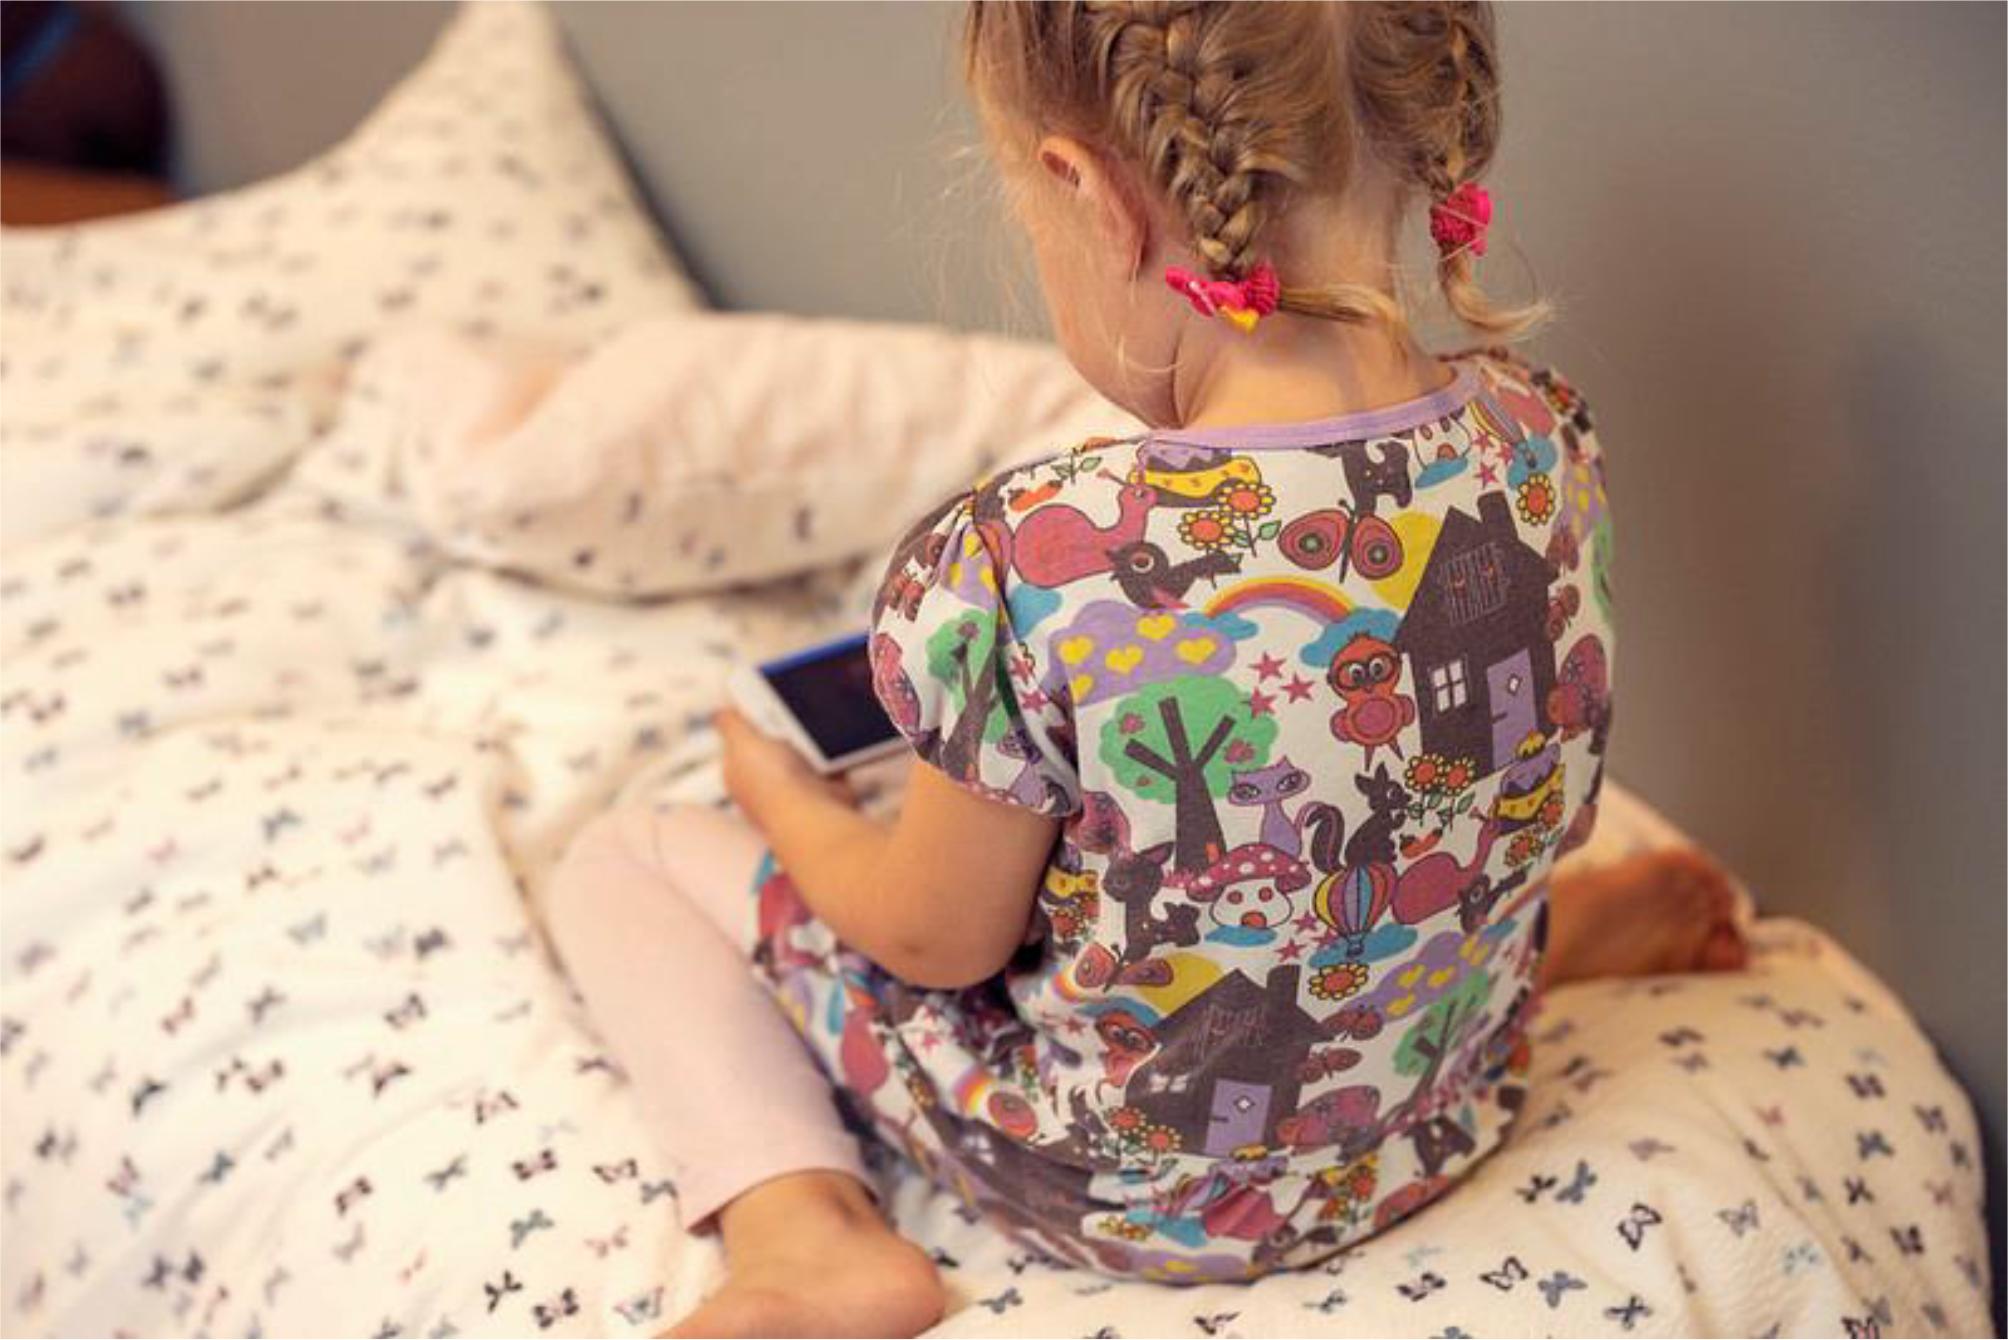 Bildet viser en liten jente med en telefon og bildet er fotografert bakfra